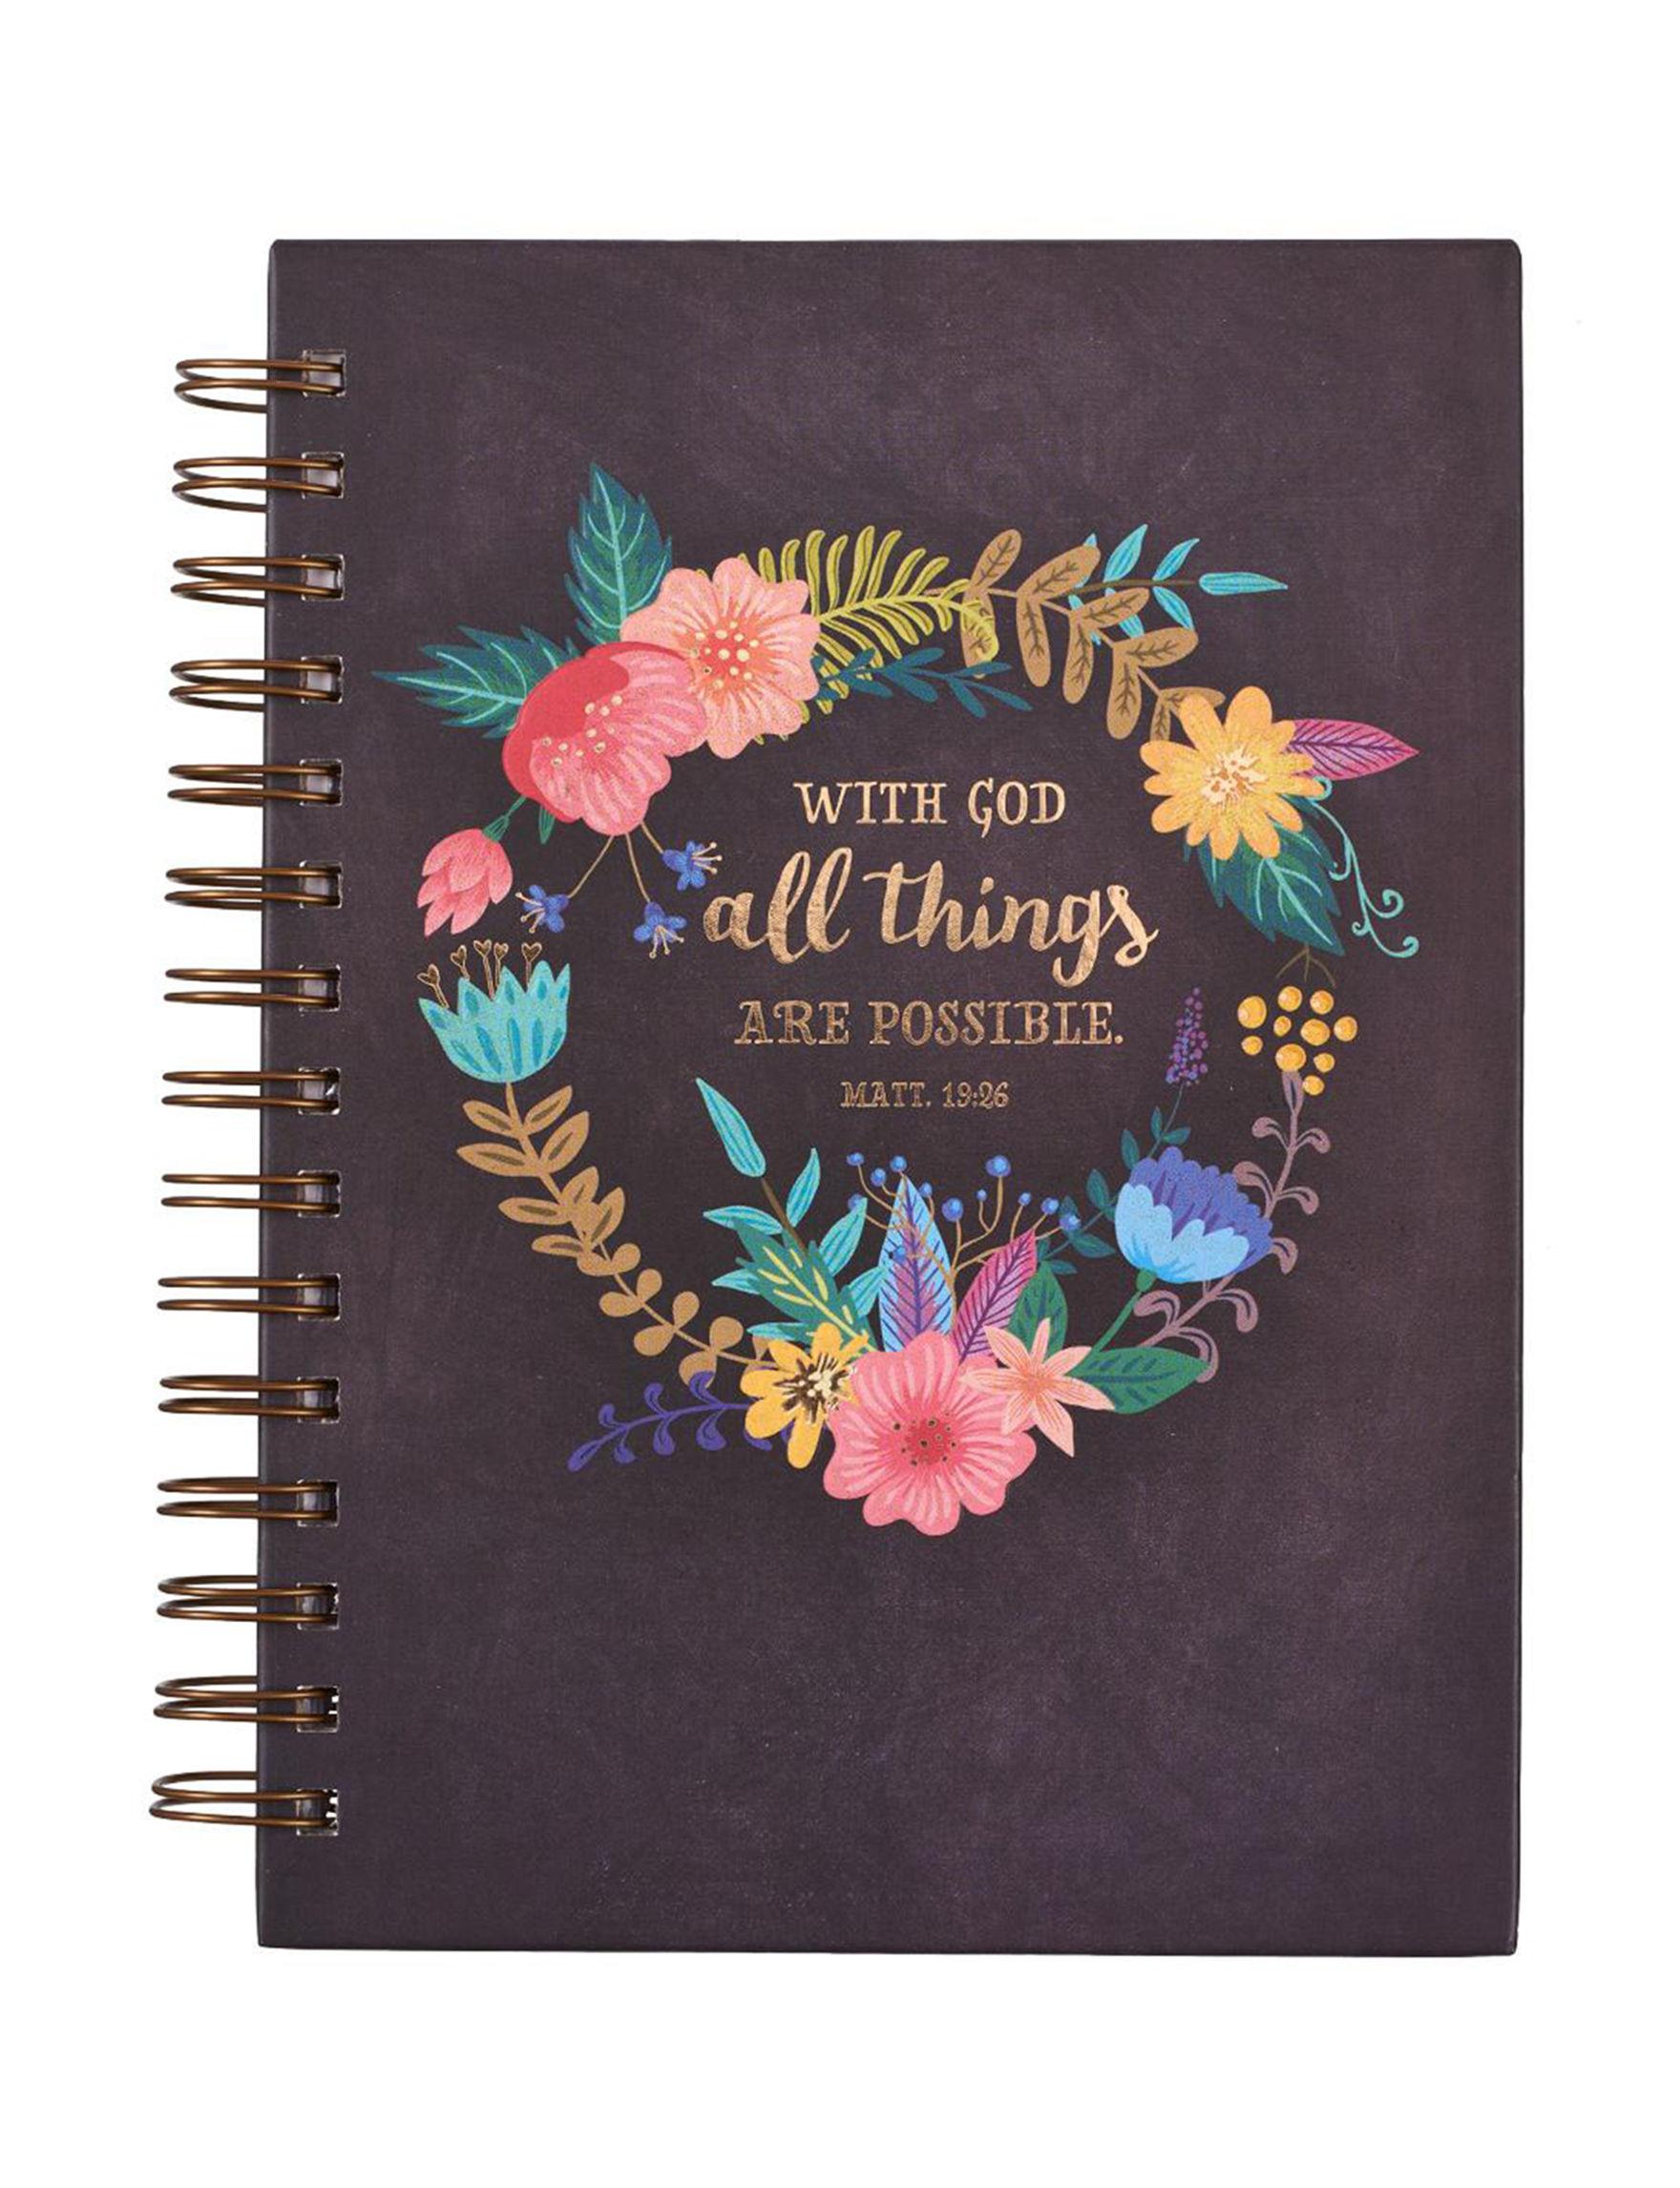 Christian Art Gifts Purple Floral Journals & Notepads School & Office Supplies